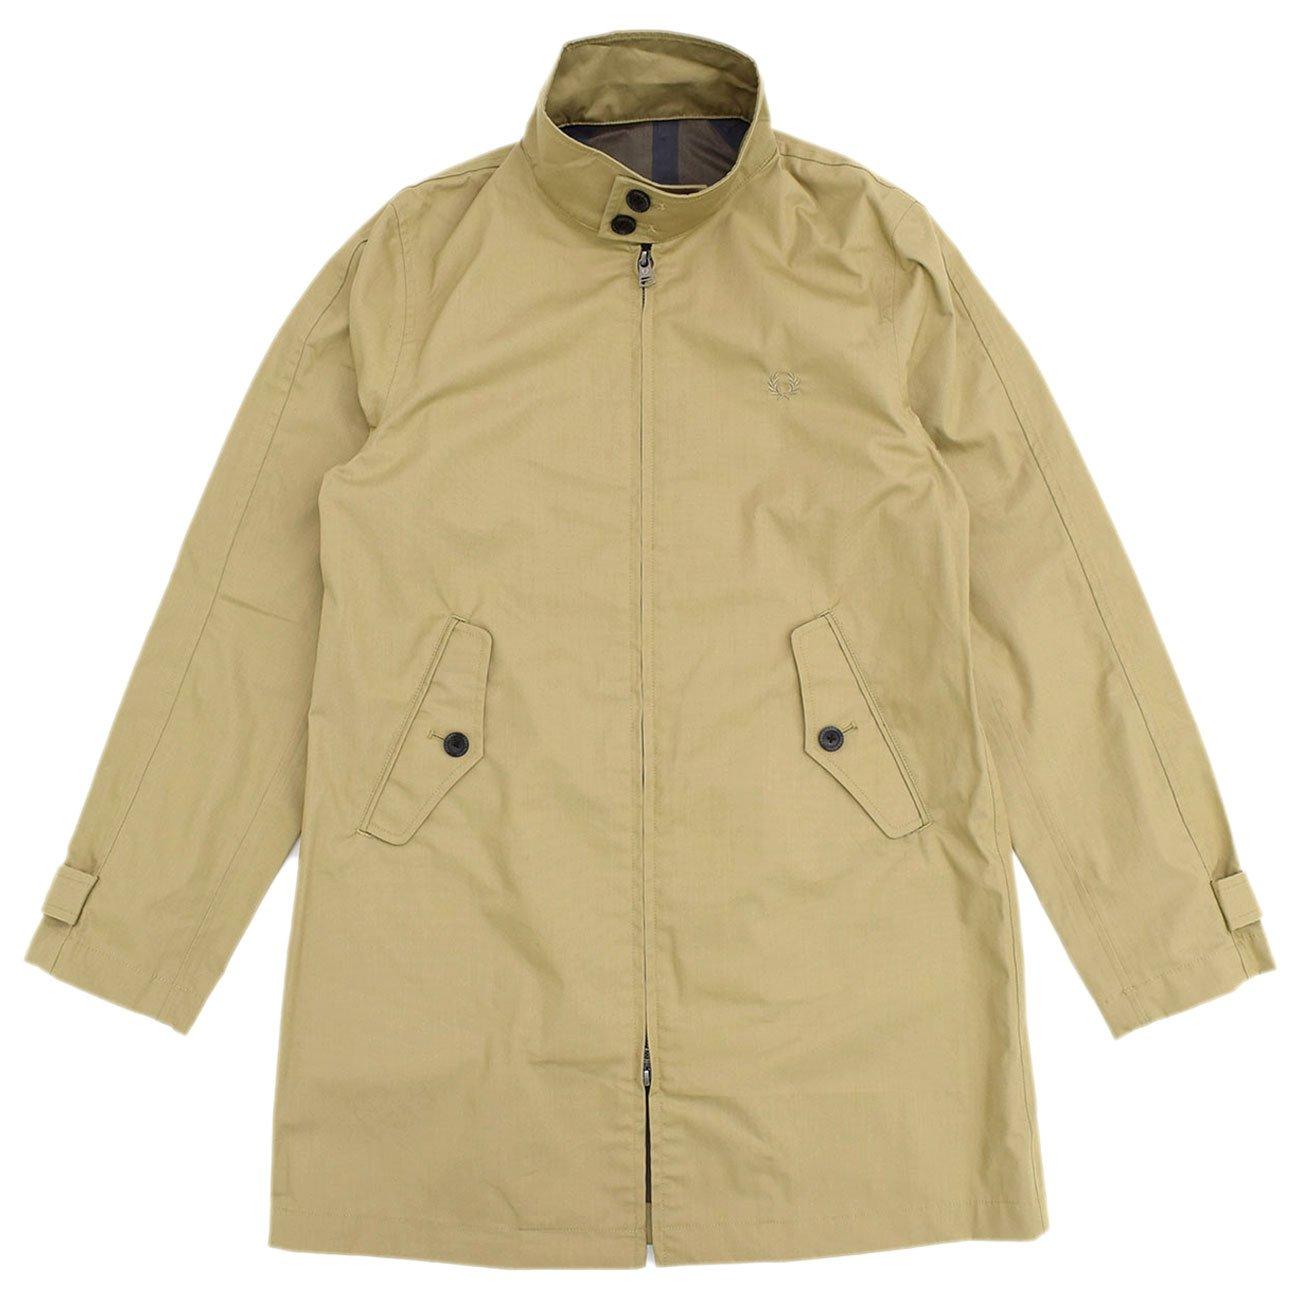 (フレッドペリー) FREDPERRY ジャケット メンズ ハリントン マック コート 日本企画 B076F23J7P  ベージュ(34) S